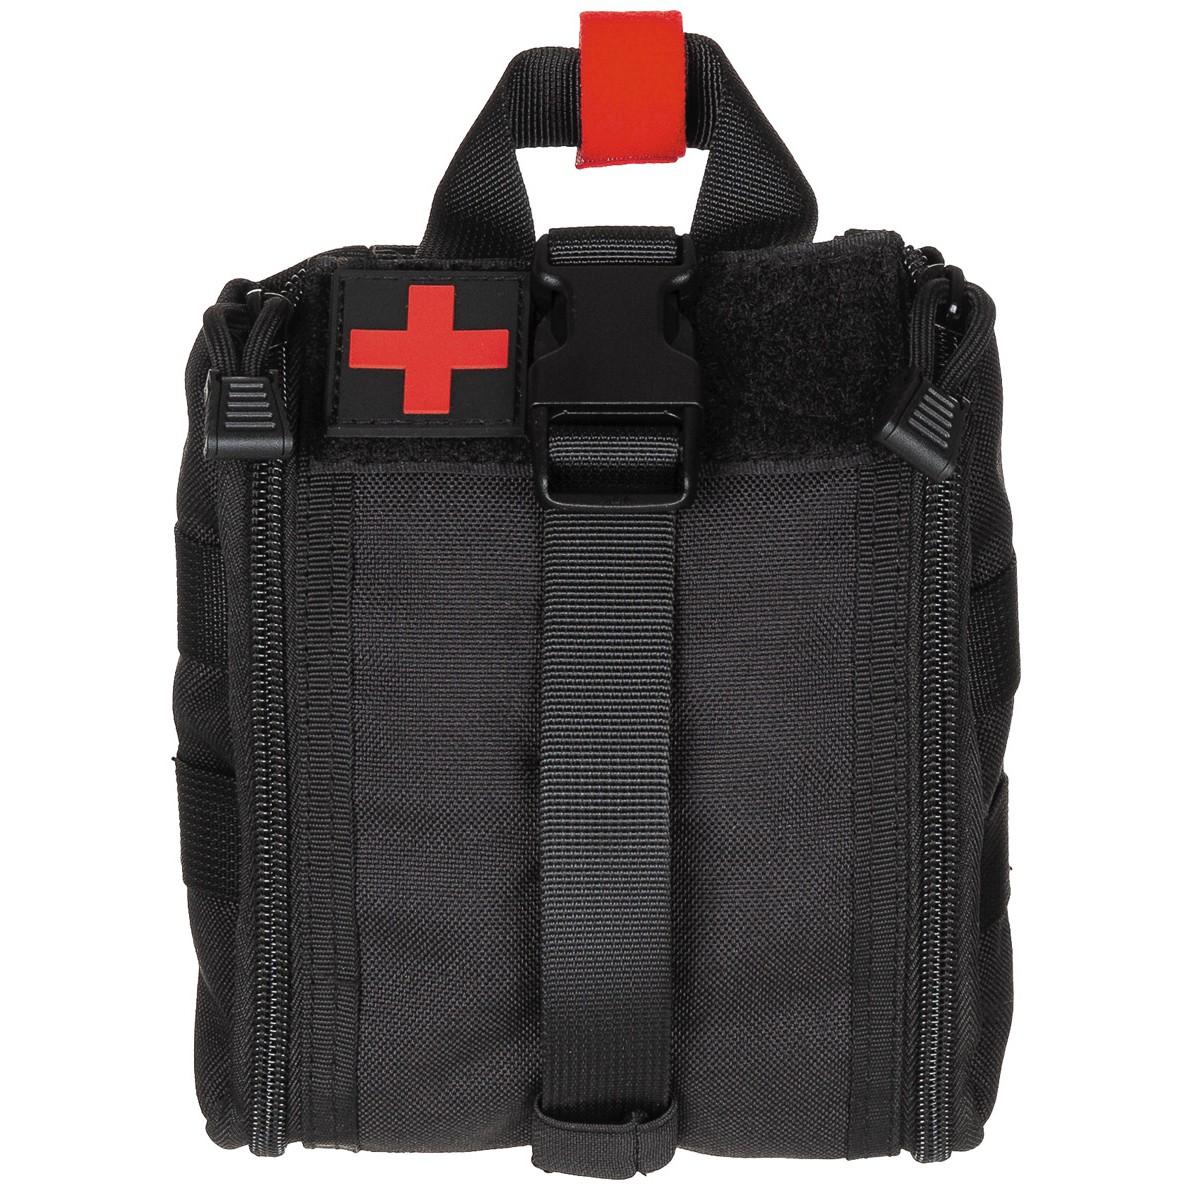 Molle Hilfe Tasche Kds Erste – Klein K9 VSzMpUq